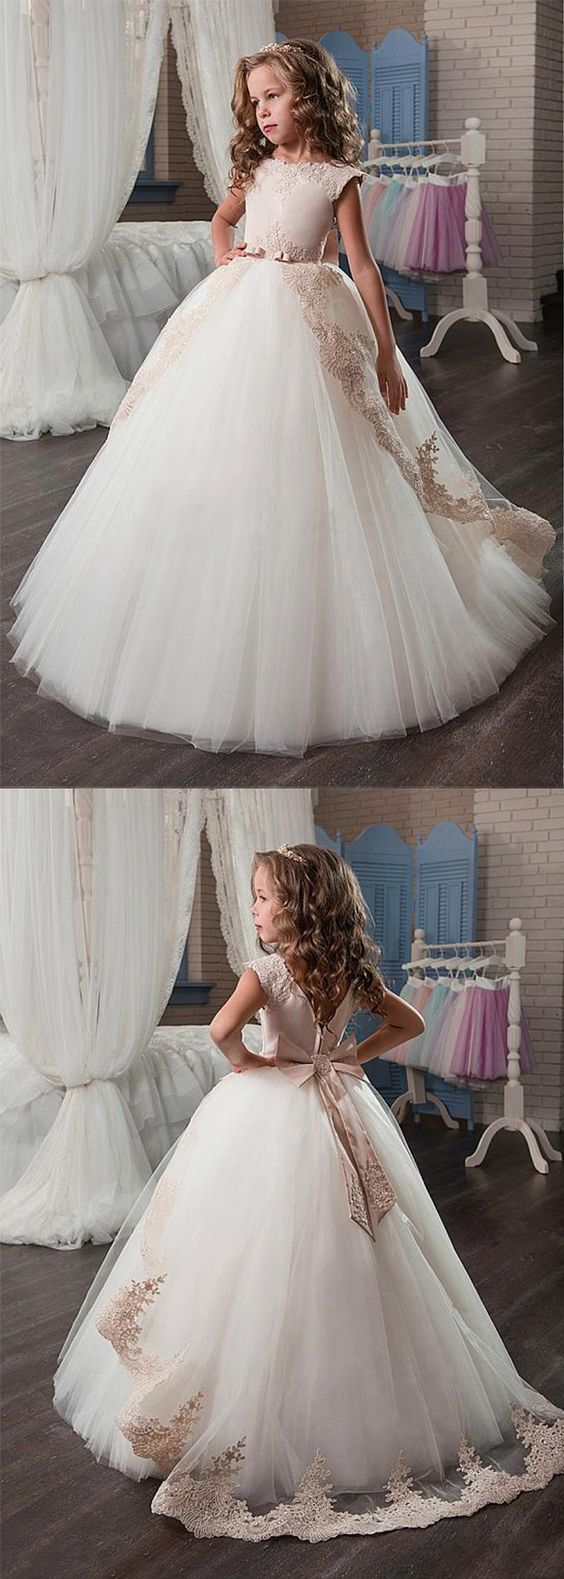 Marvelous tulle u satin jewel neckline ball gown flower girl dresses